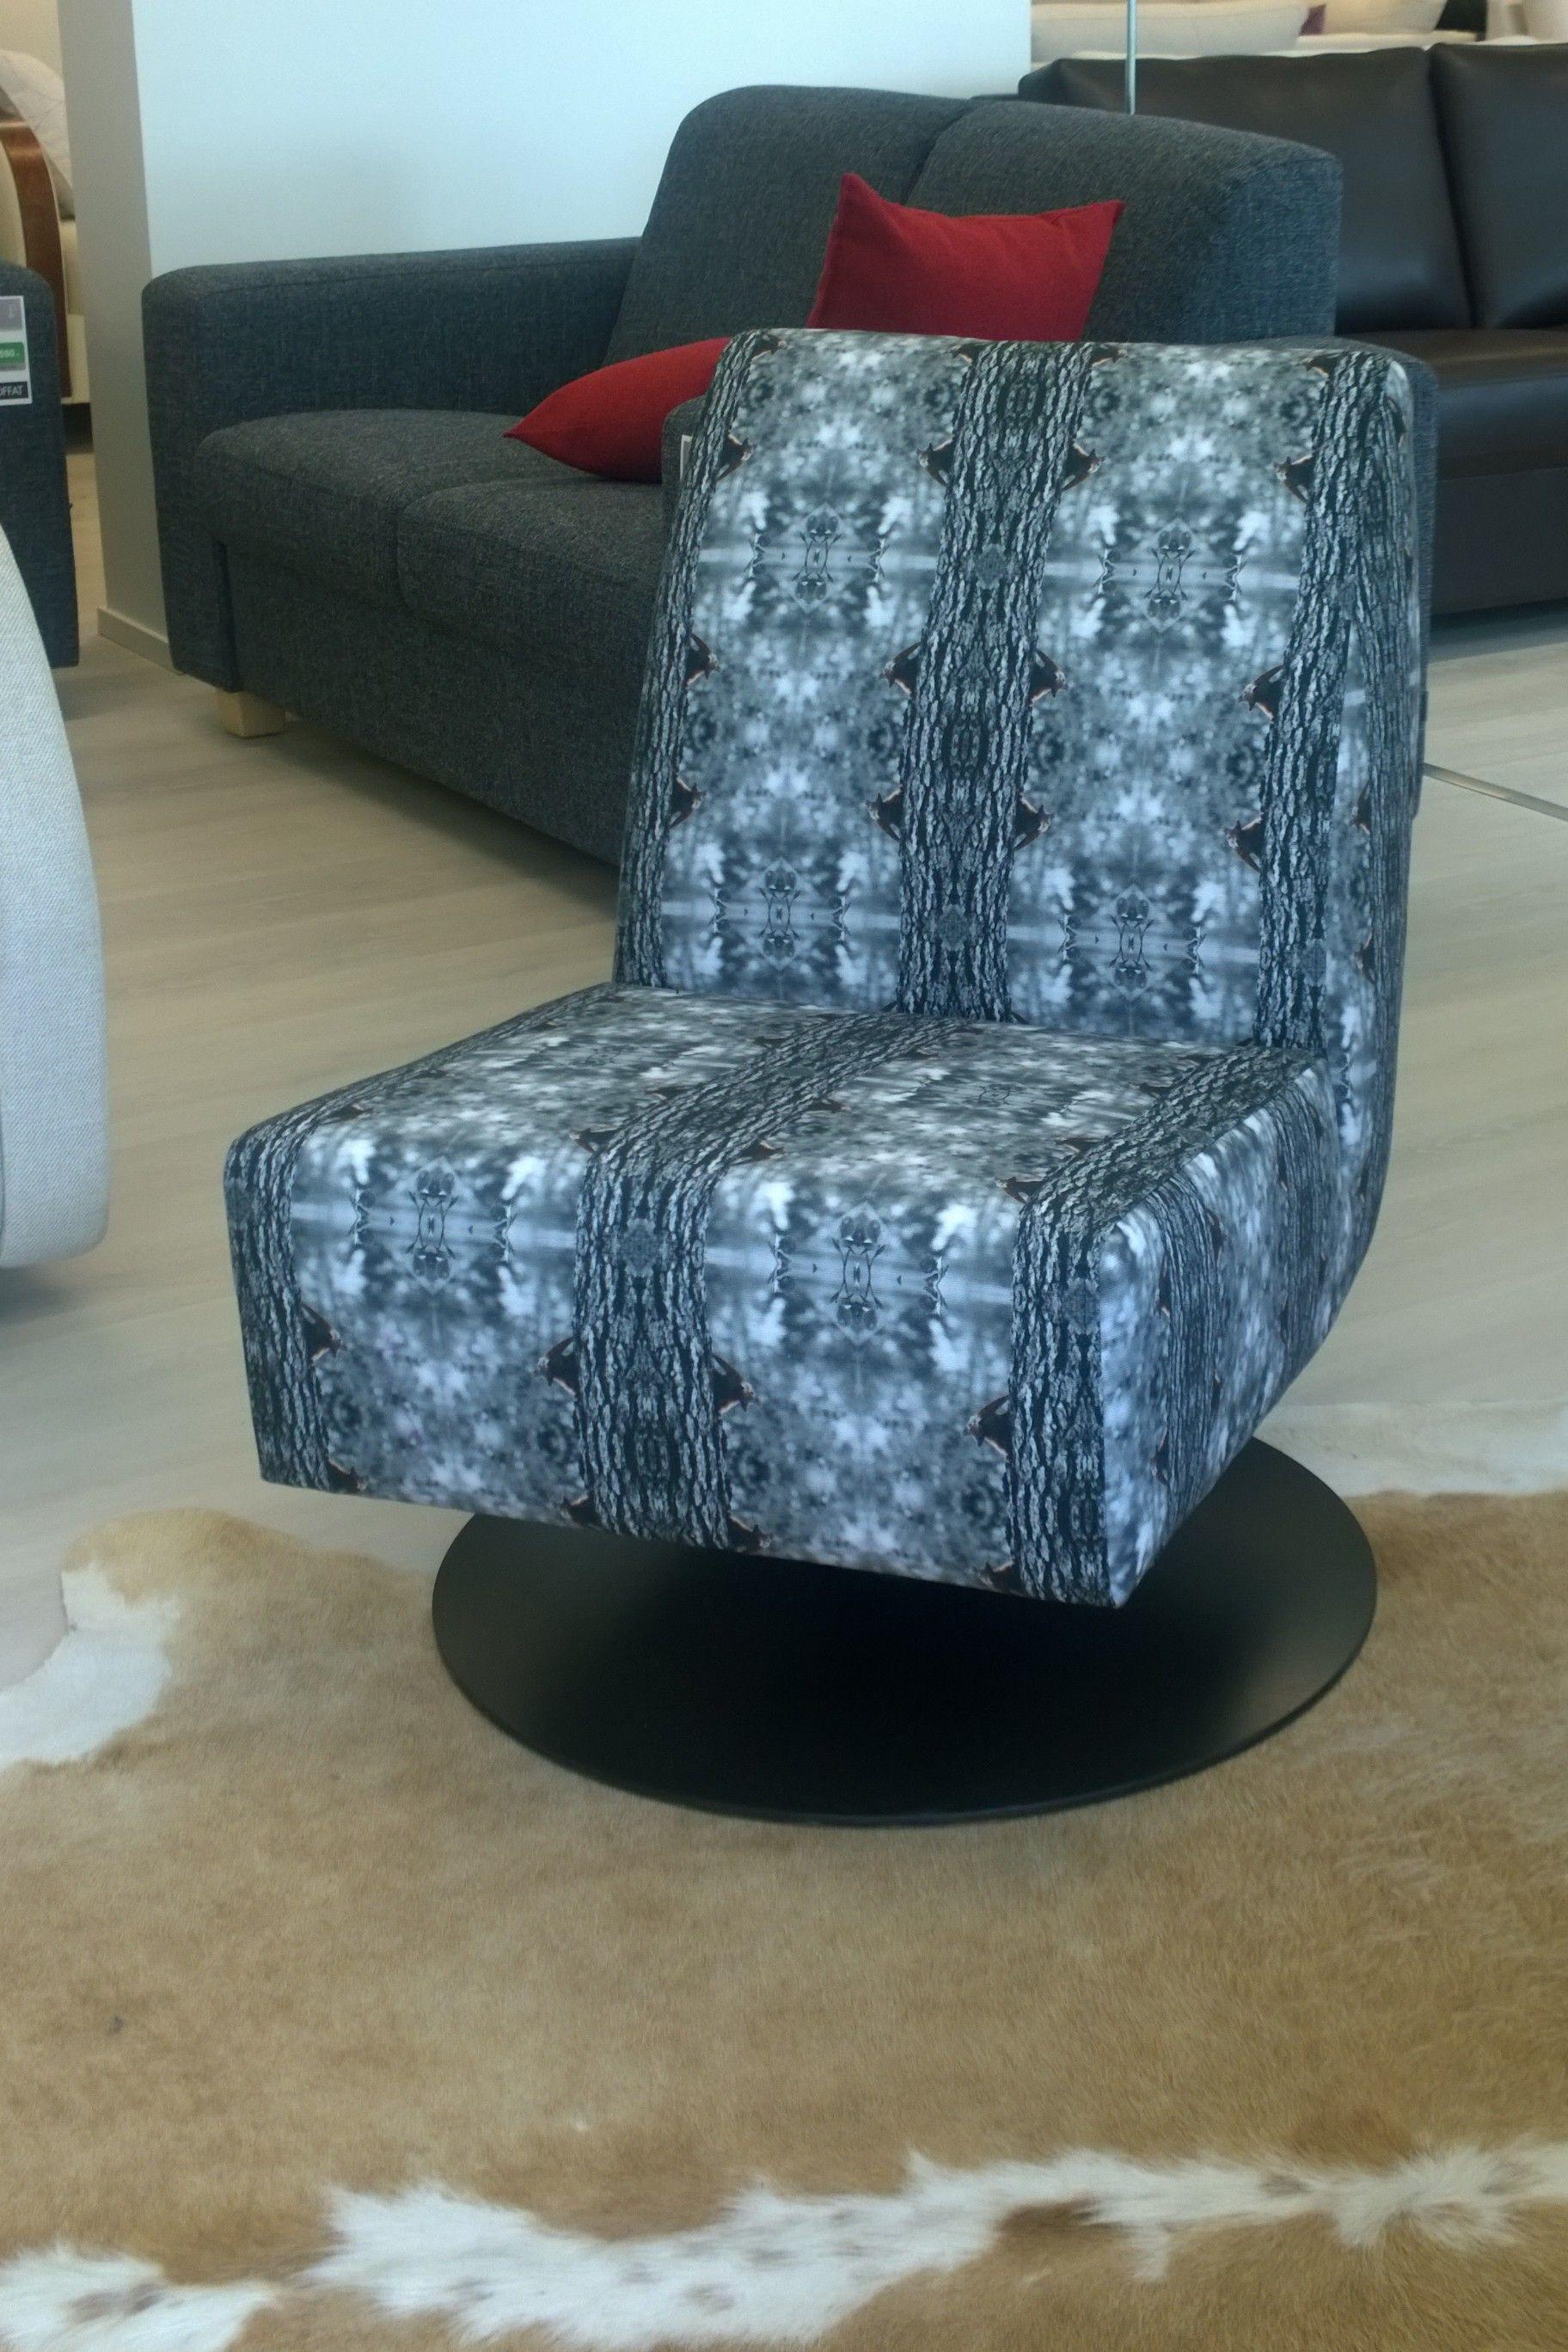 Focus nojatuoli, KurkistusGrey kankaalla, Zirbaslife Design. Nojatuolia myy Finsoffat, Kerava. Suunniteltu ja valmistettu Suomessa!